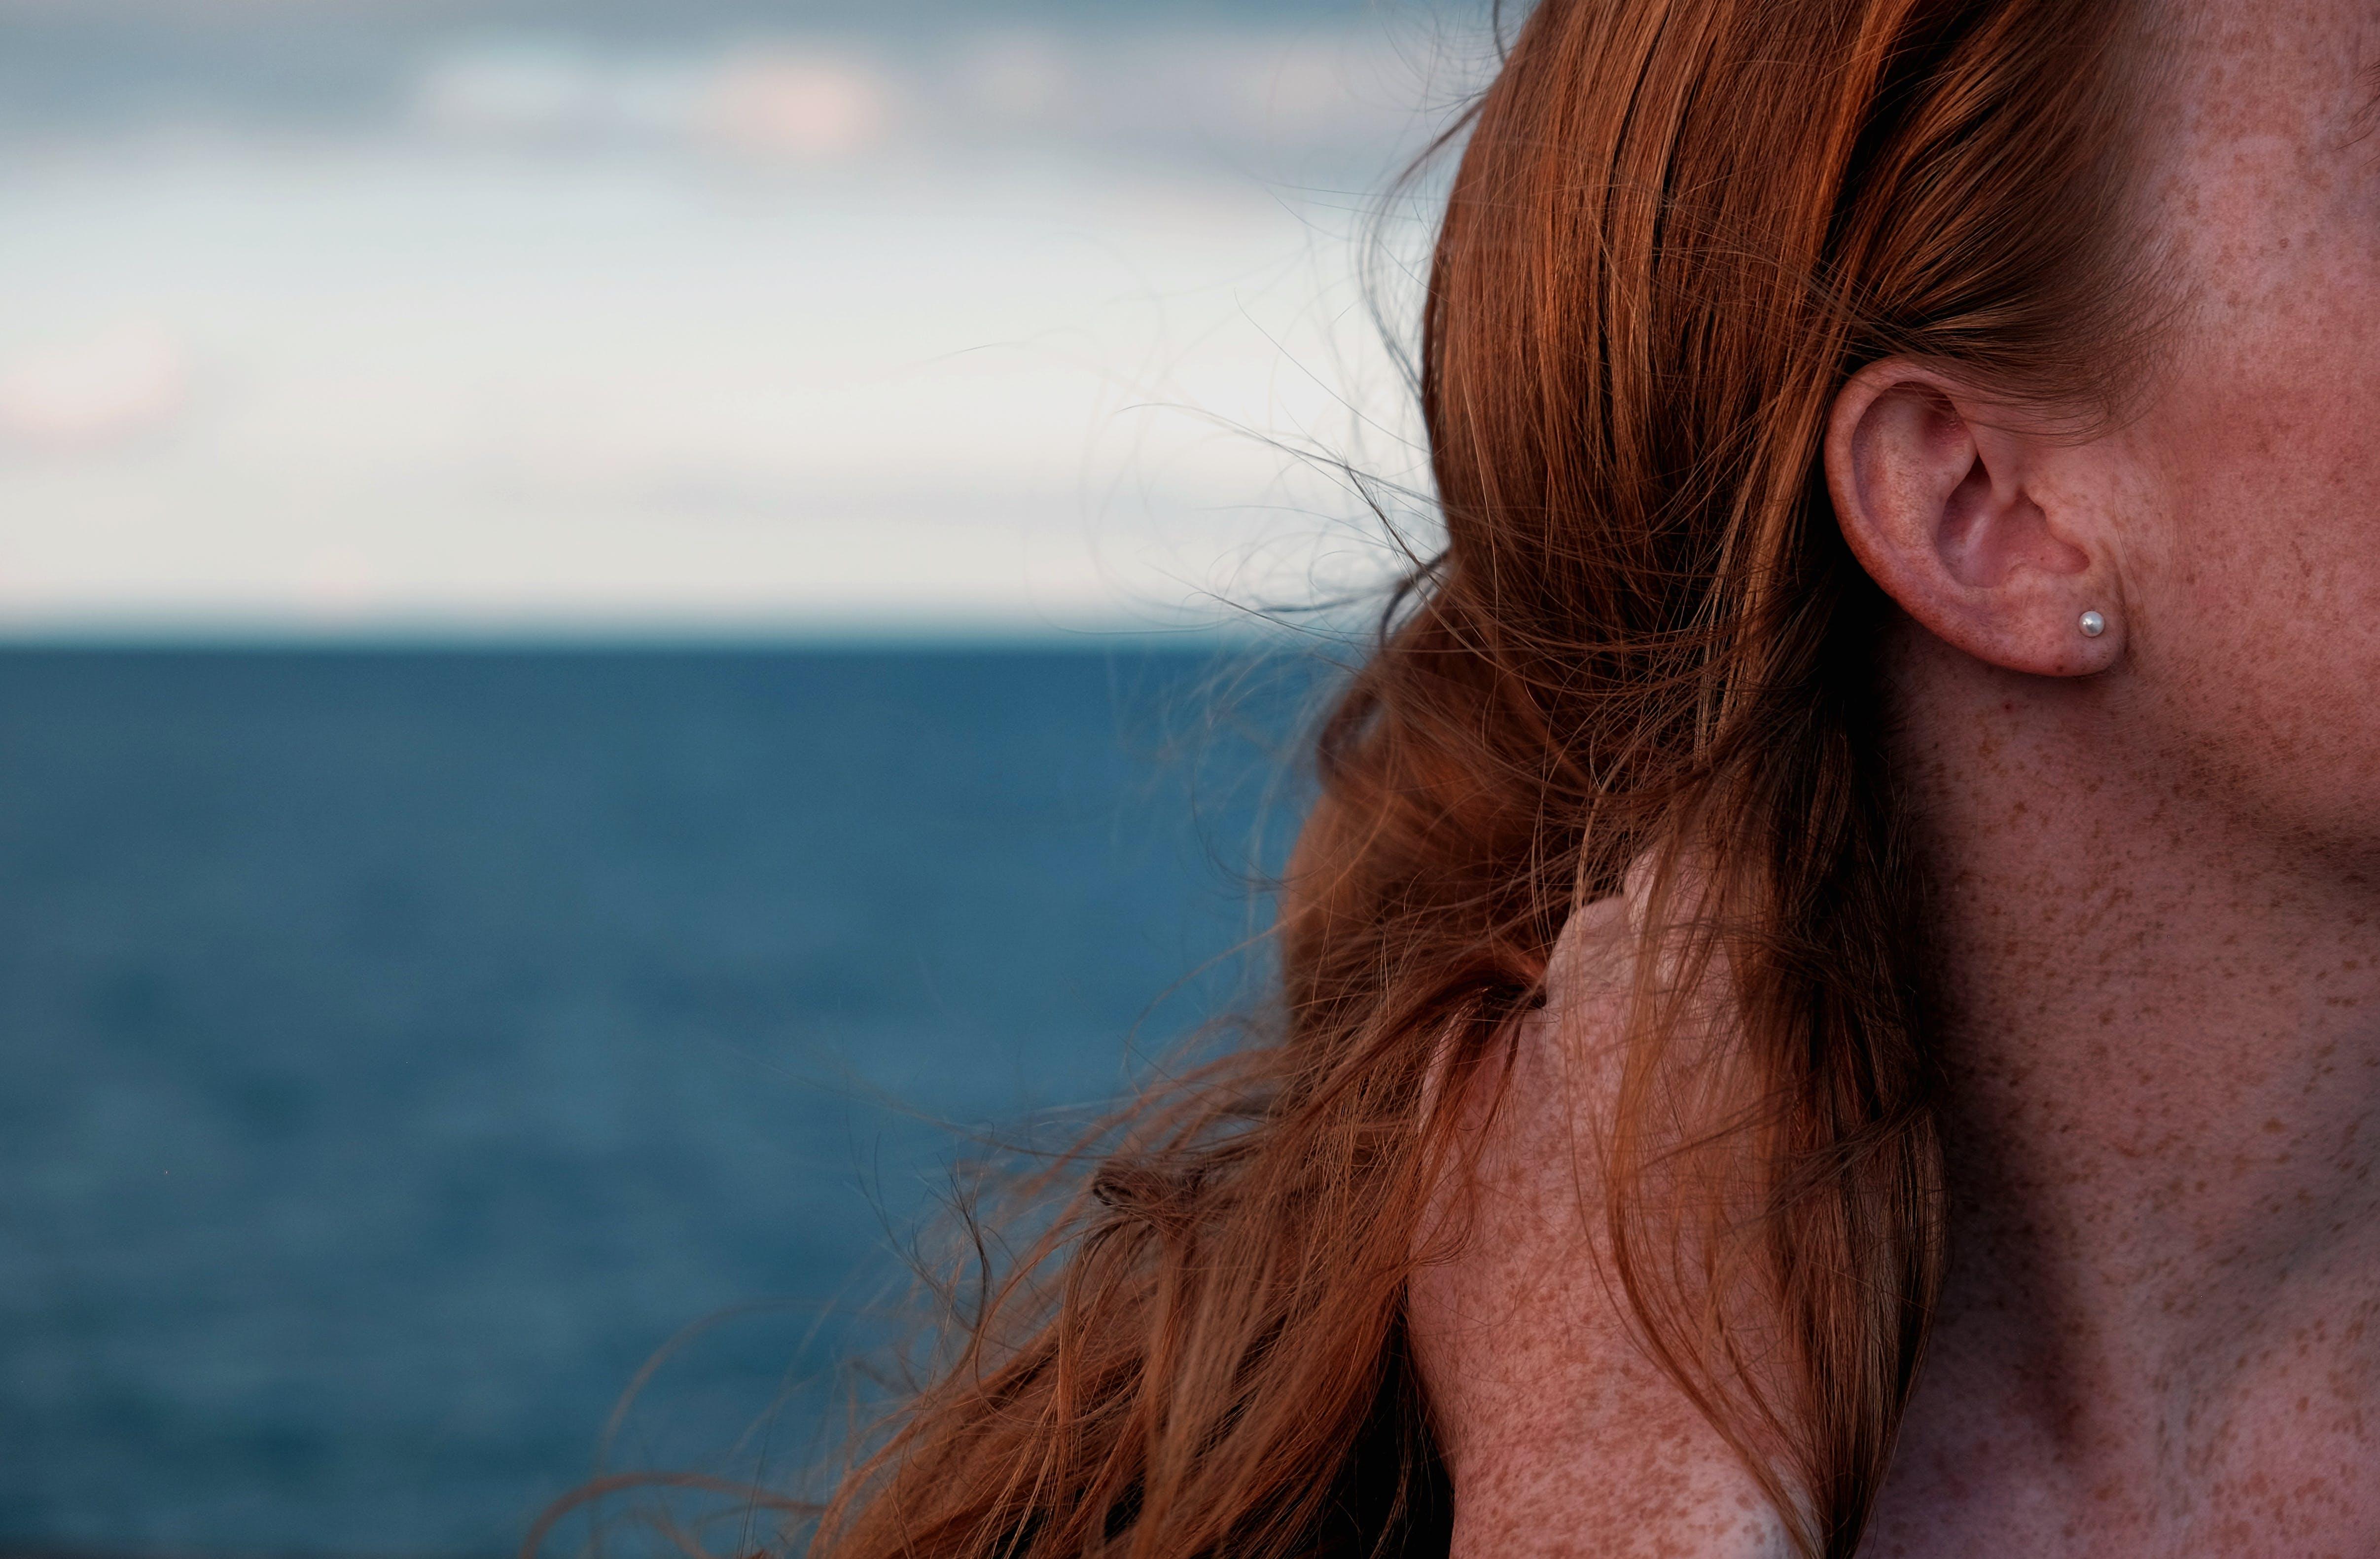 Kostenloses Stock Foto zu freckles, haar, himmel, ozean